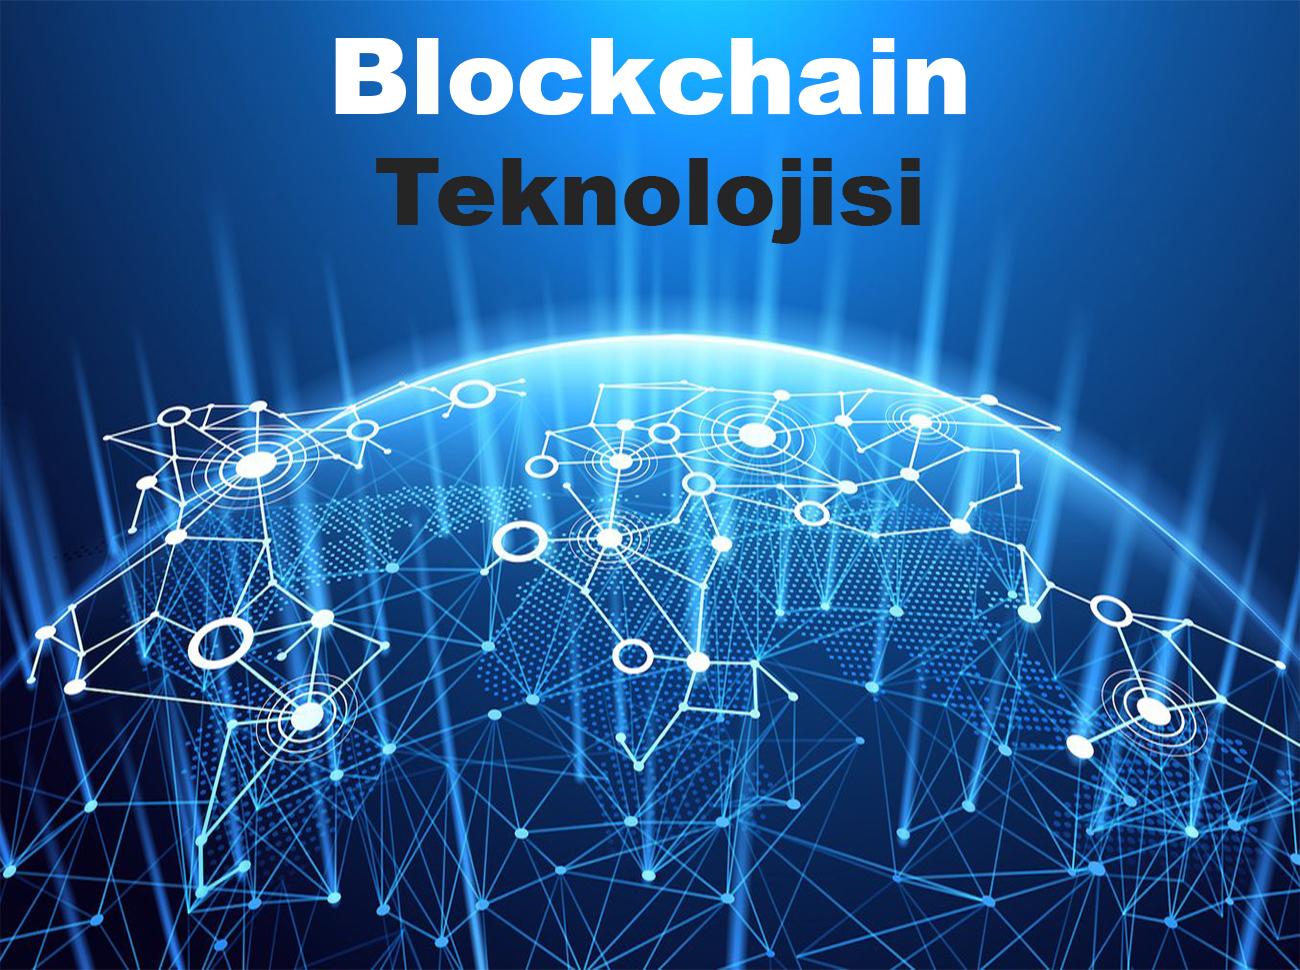 Blockchain Teknolojisi Üzerine Bir Değerlendirme